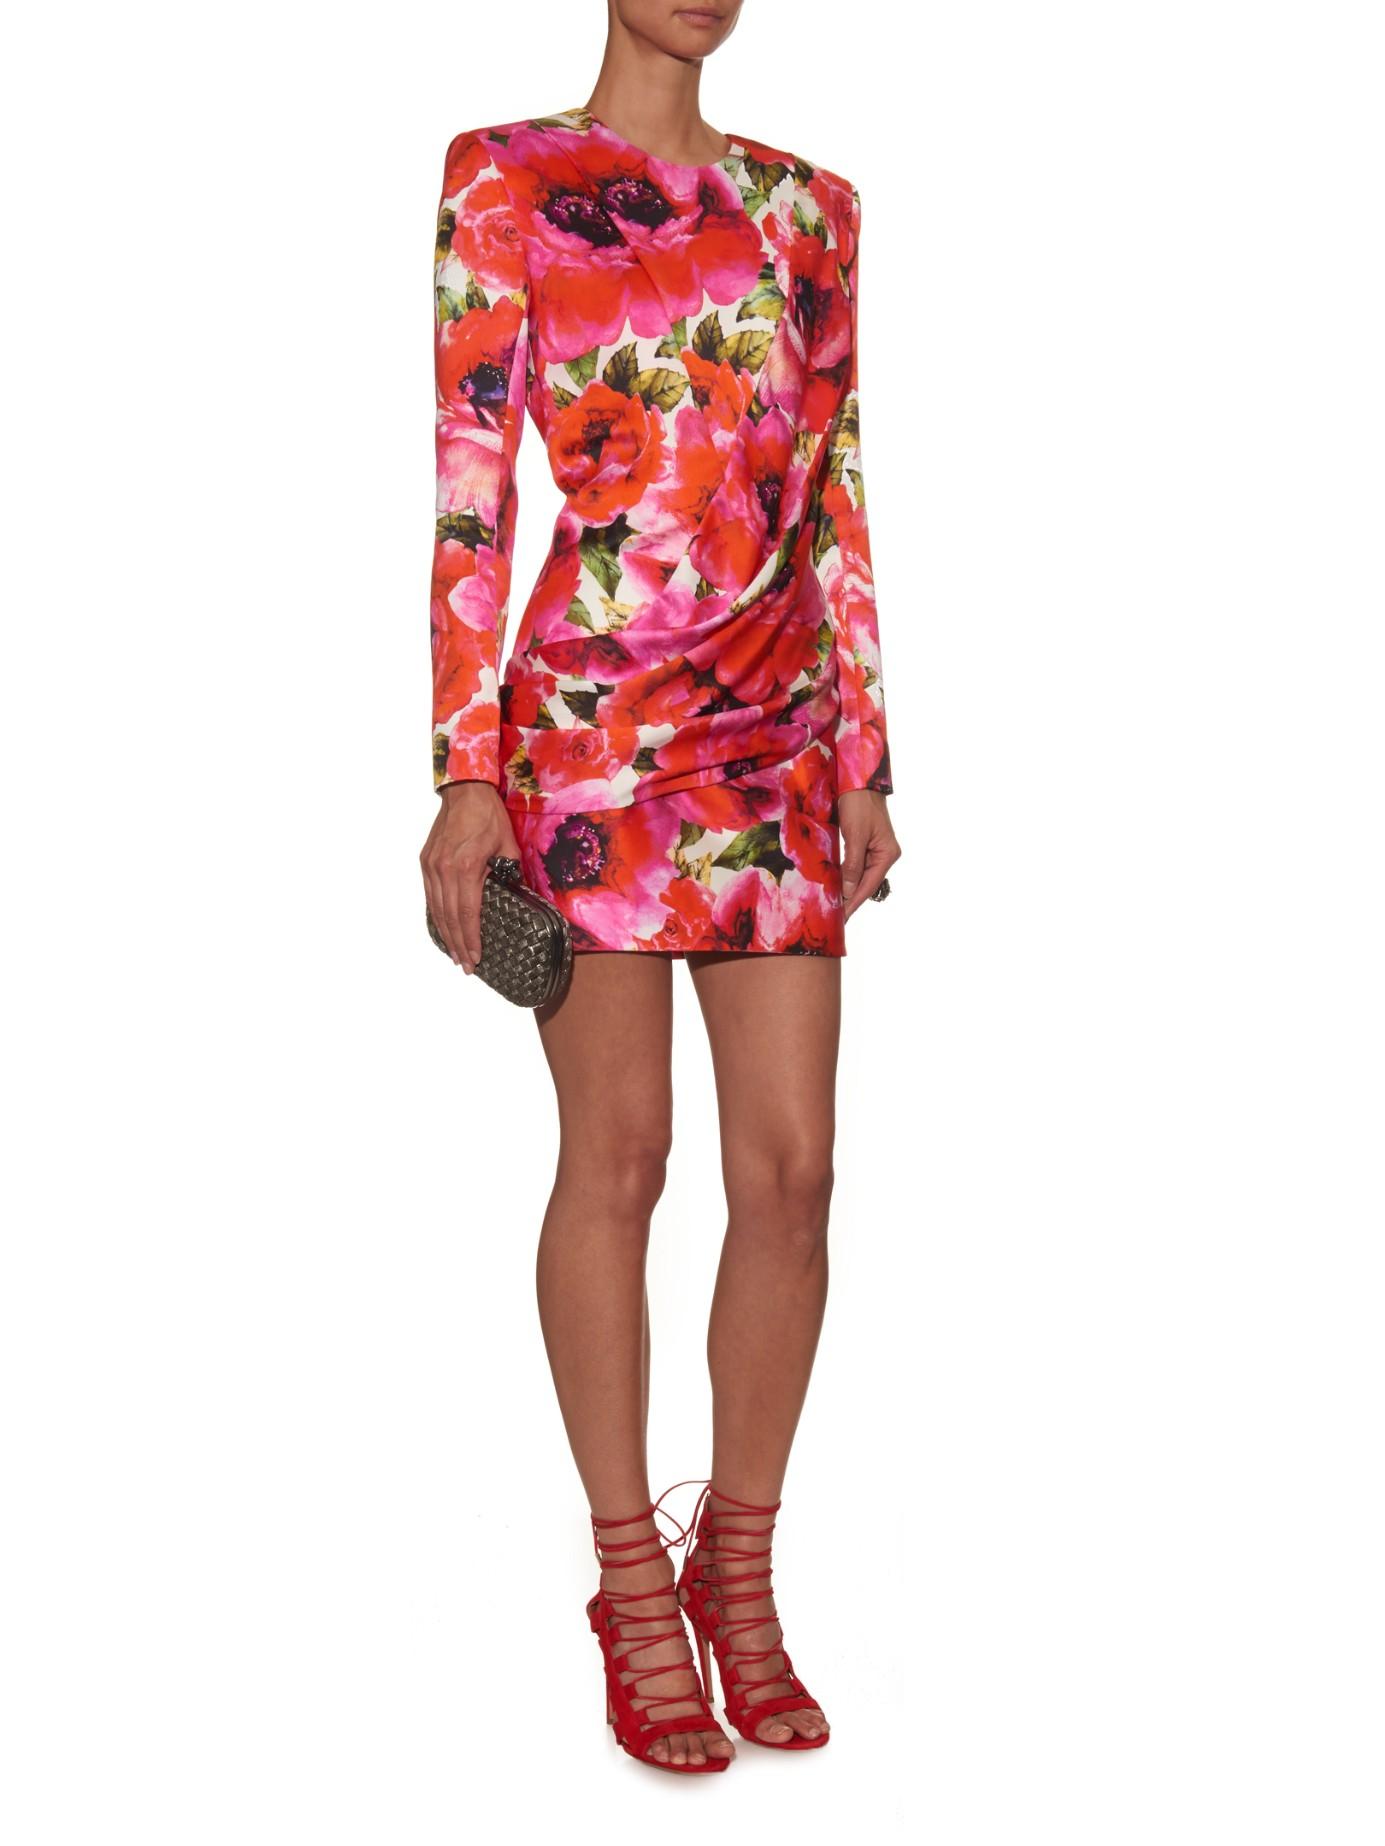 Lyst - Balmain Floral-print Satin Mini Dress 461919b7b